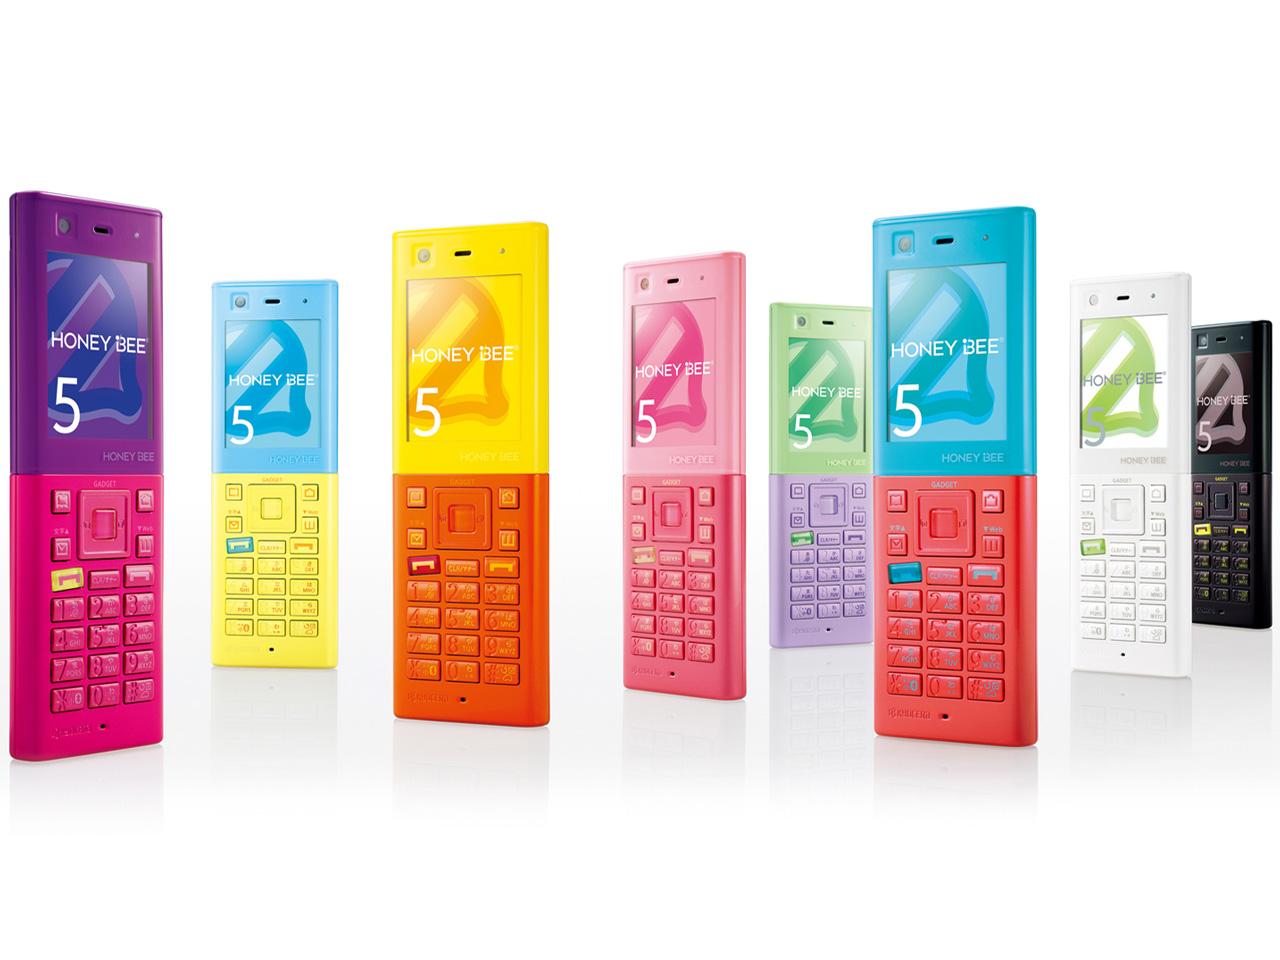 『カラーバリエーション』 HONEY BEE 5 WX07K [ホワイト&ホワイト] の製品画像